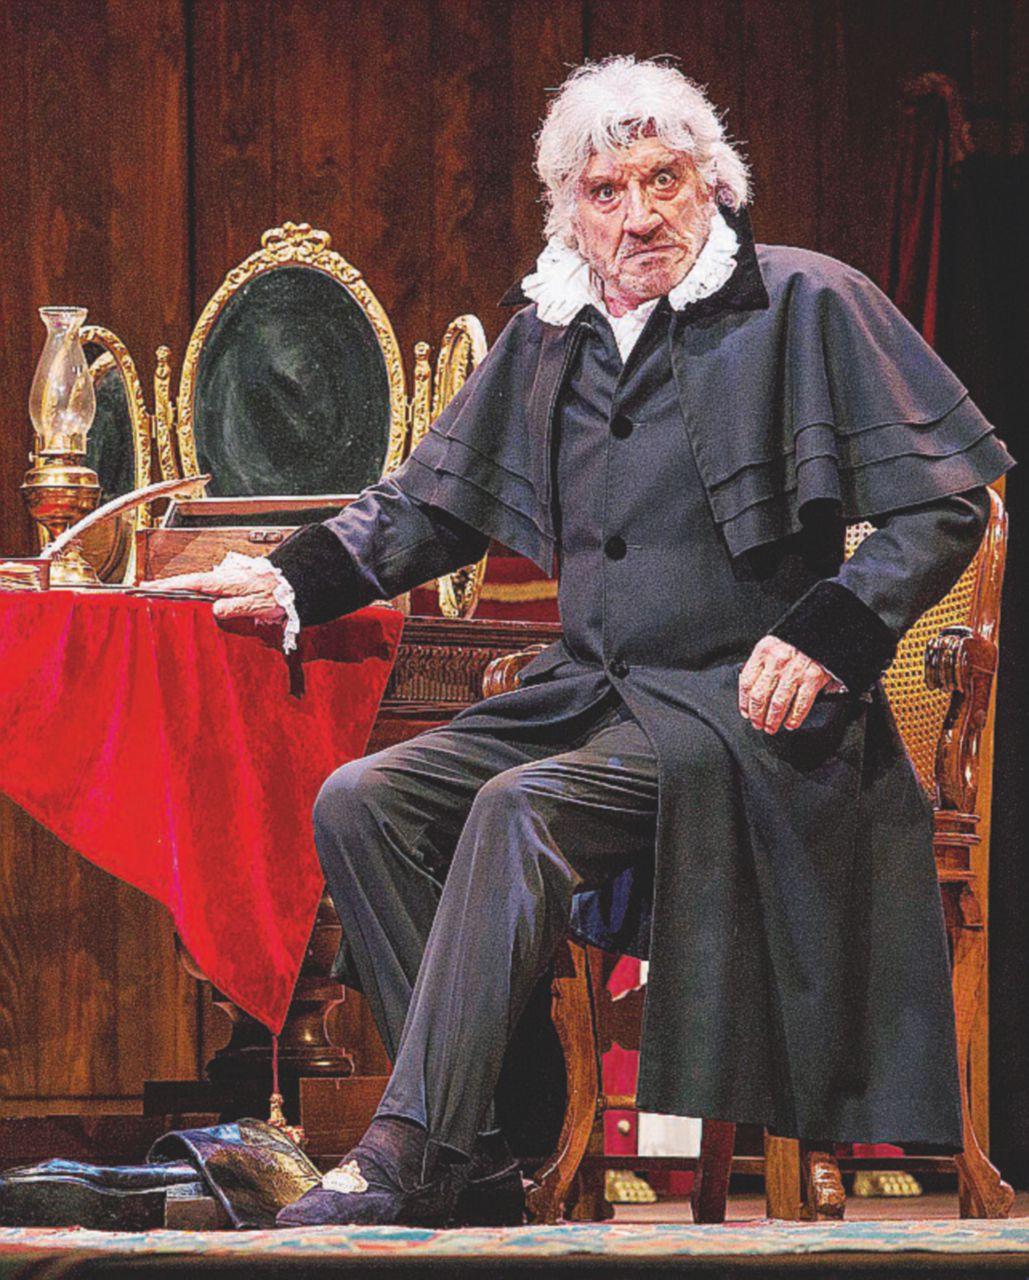 Omaggio a Shakespeare e a Kean. Il mattatore Proietti e il genio del teatro